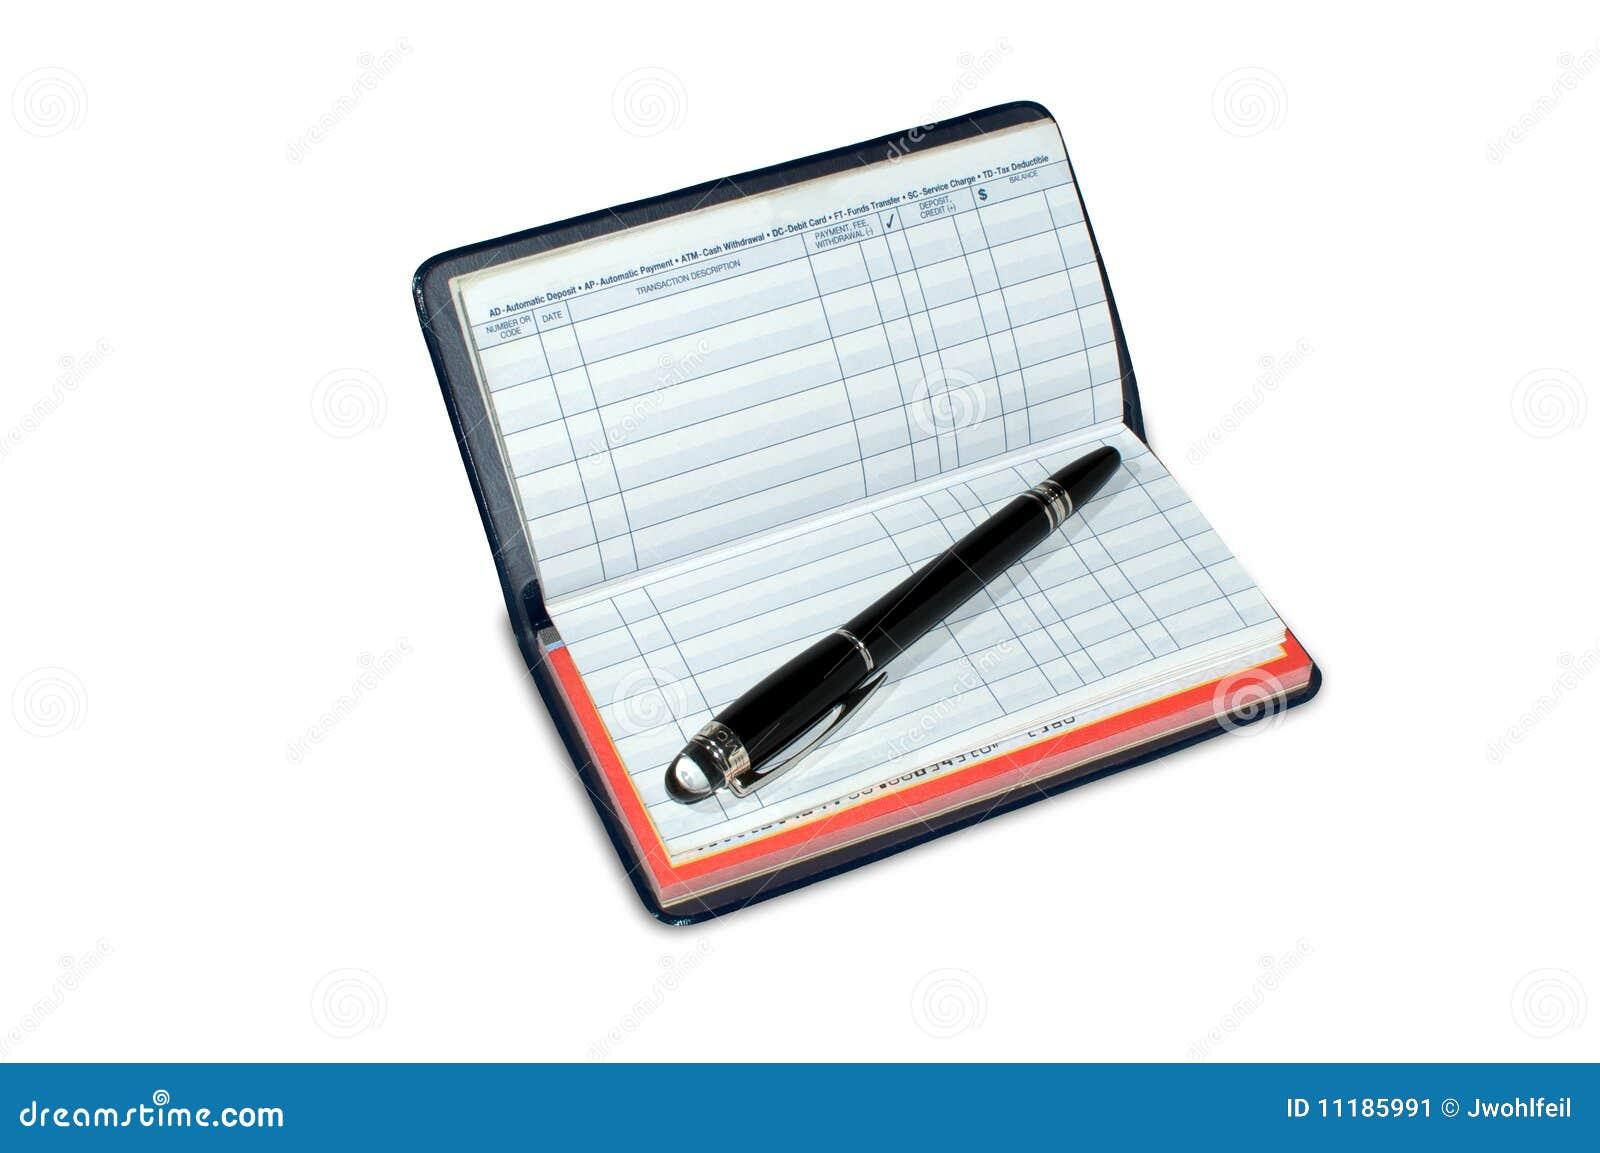 blank checkbook register stock photo image of register 3781218